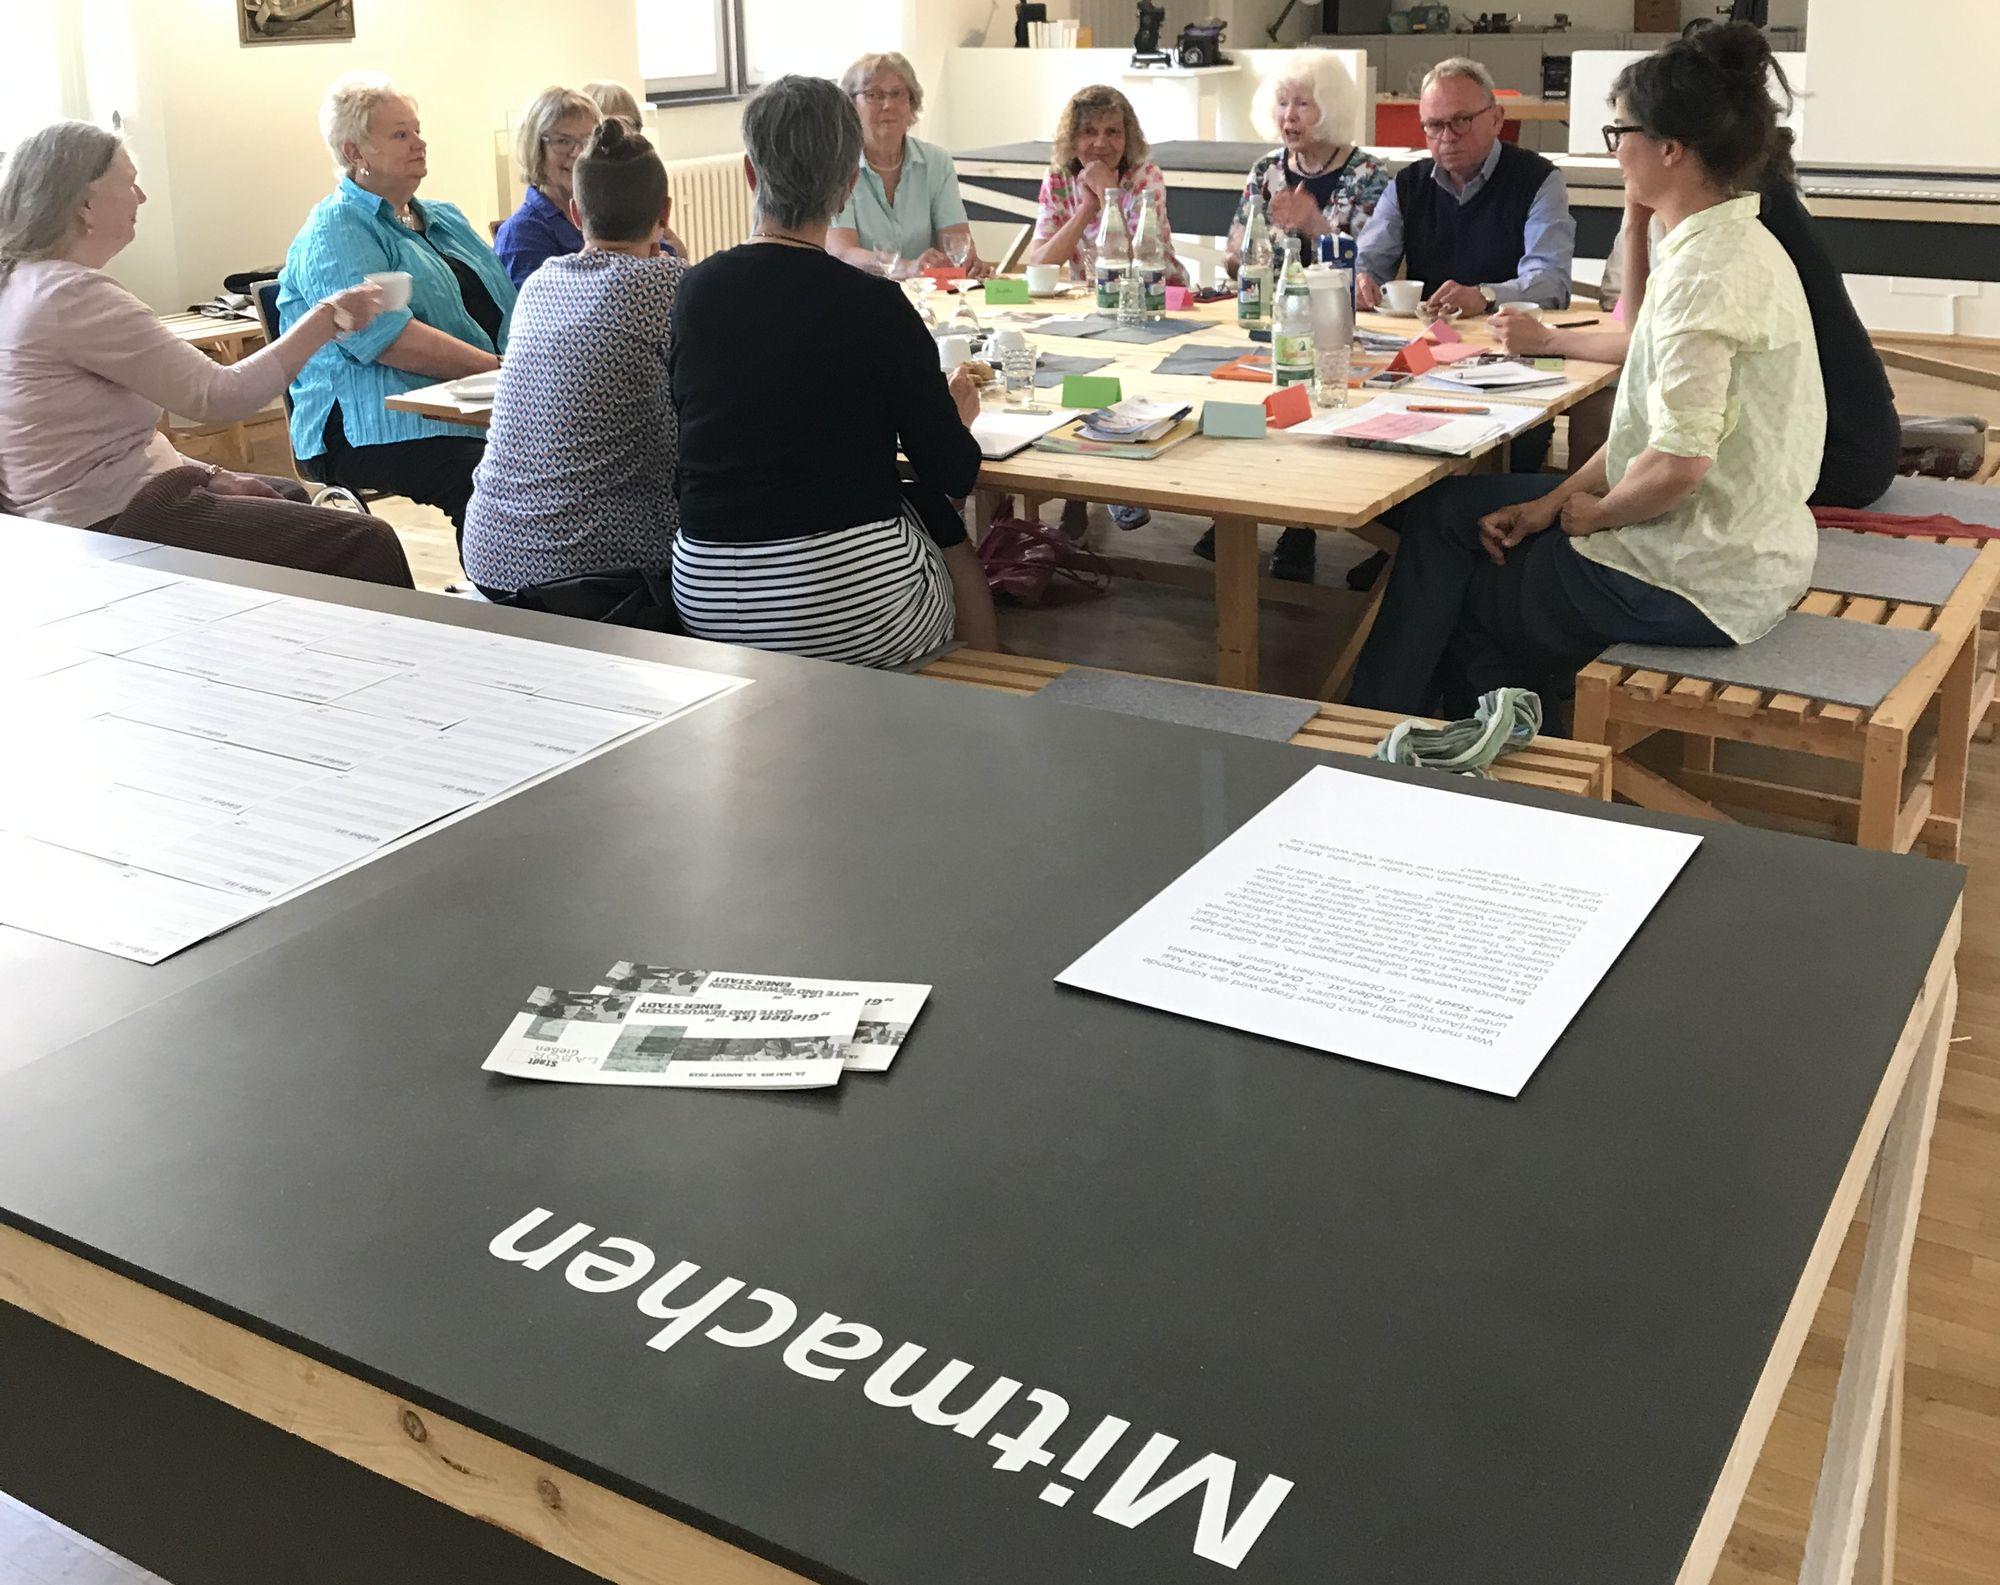 Teilnehmer*innen an Gesprächsrunde im Oberhessisches Museum